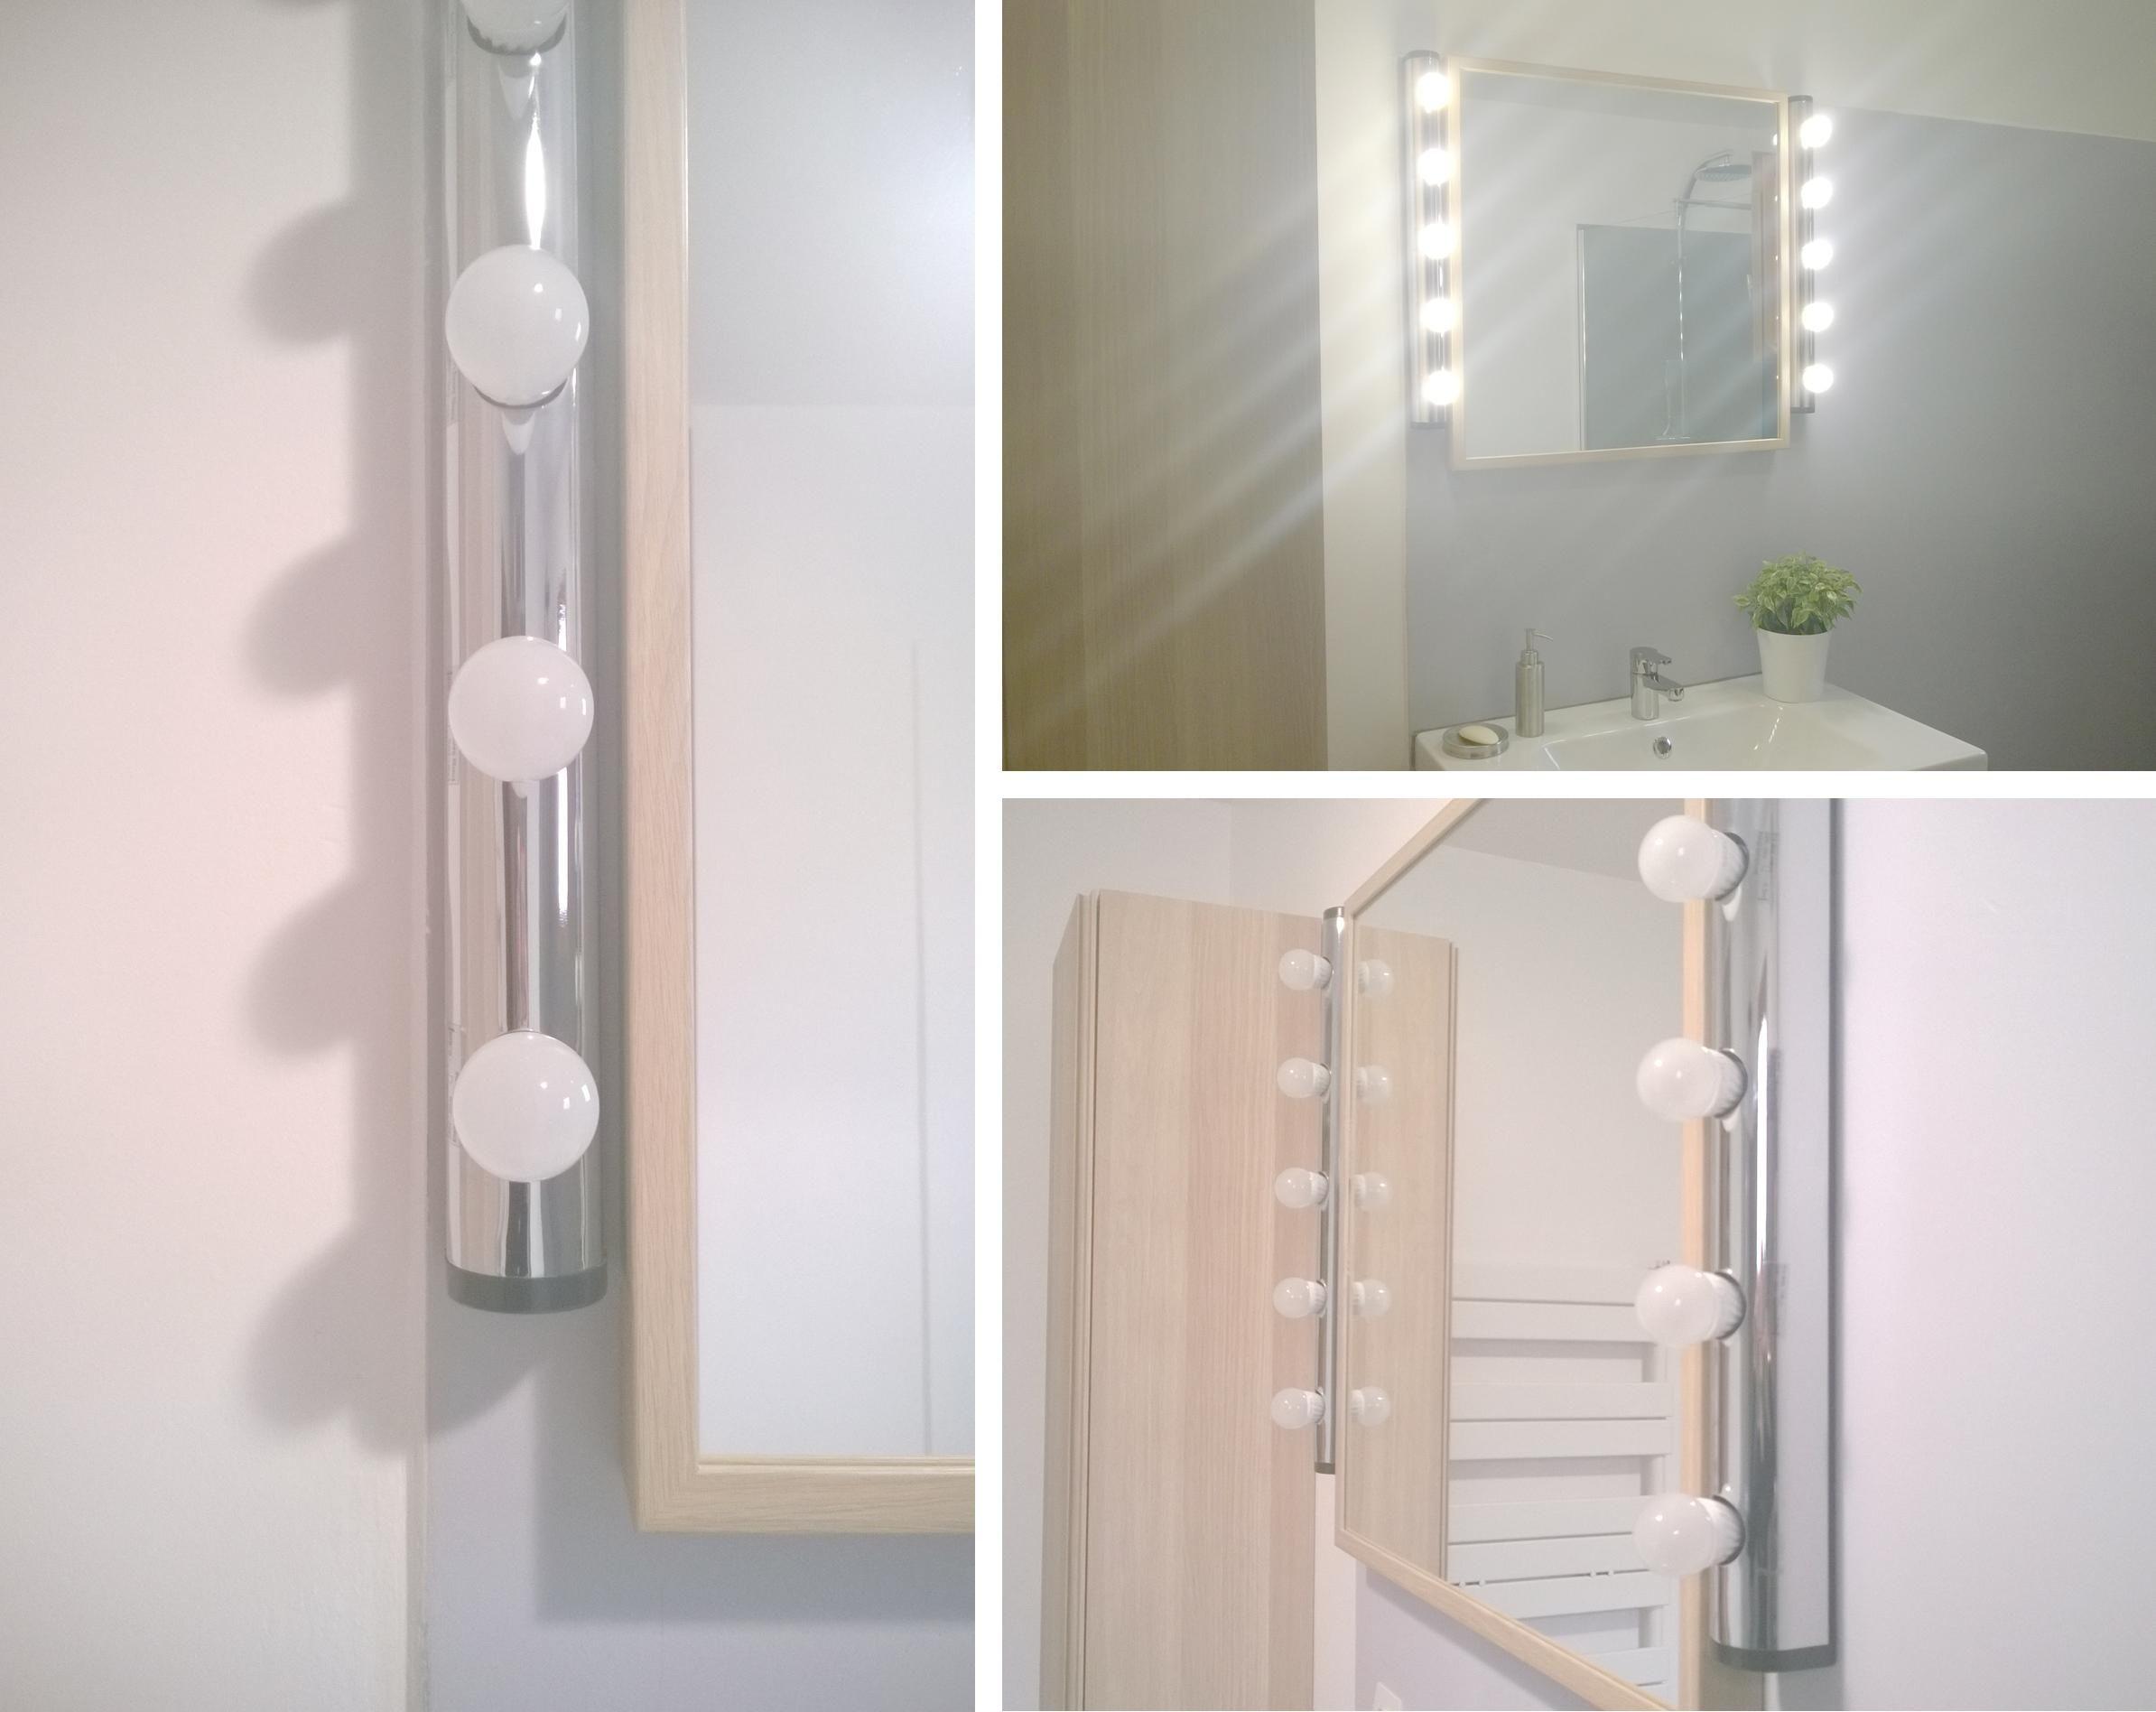 salle de bain r novation en gris blanc et bois luminaire loge leroy merlin sophie b. Black Bedroom Furniture Sets. Home Design Ideas